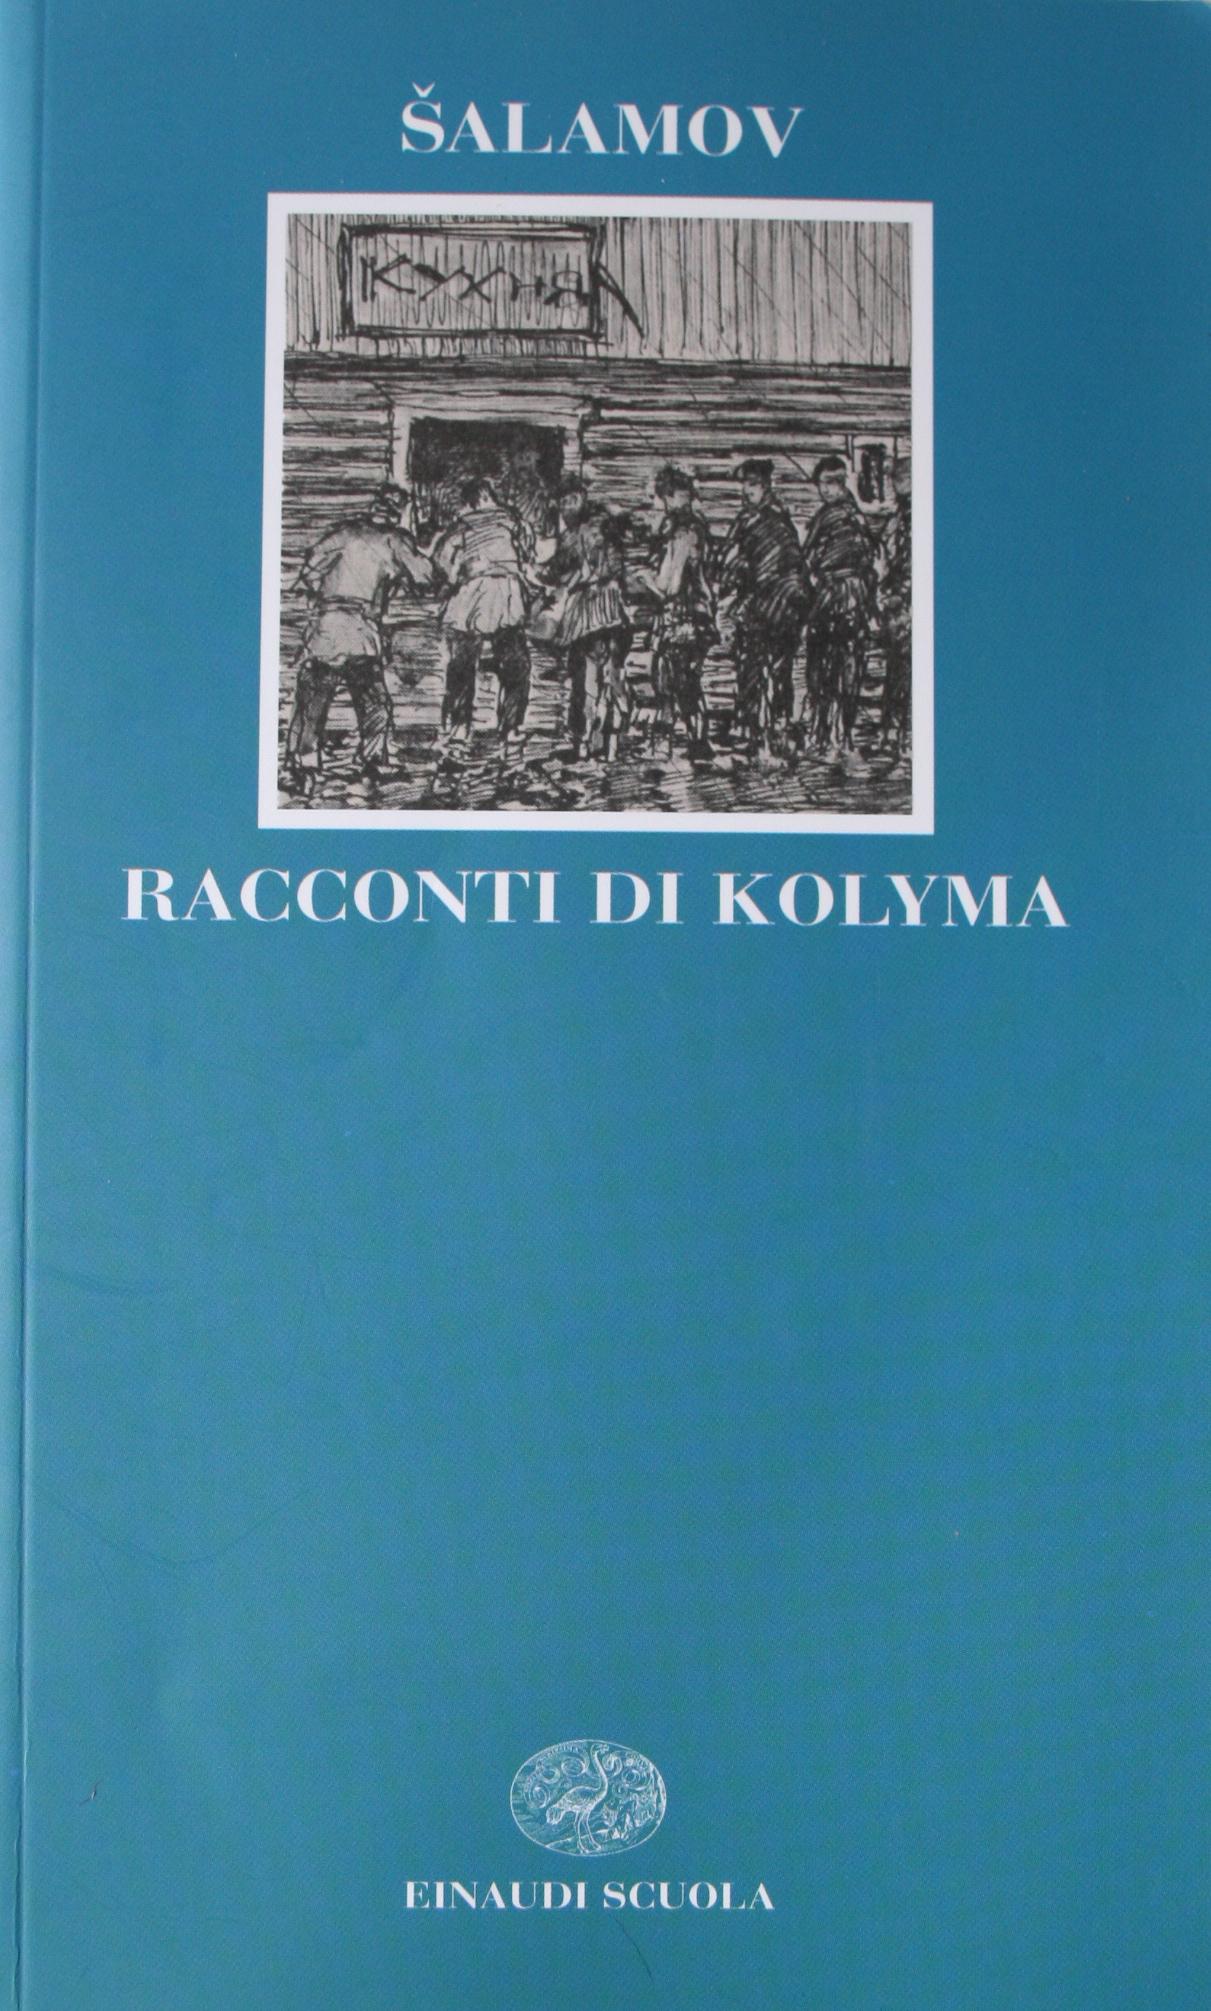 Racconti di Kolyma